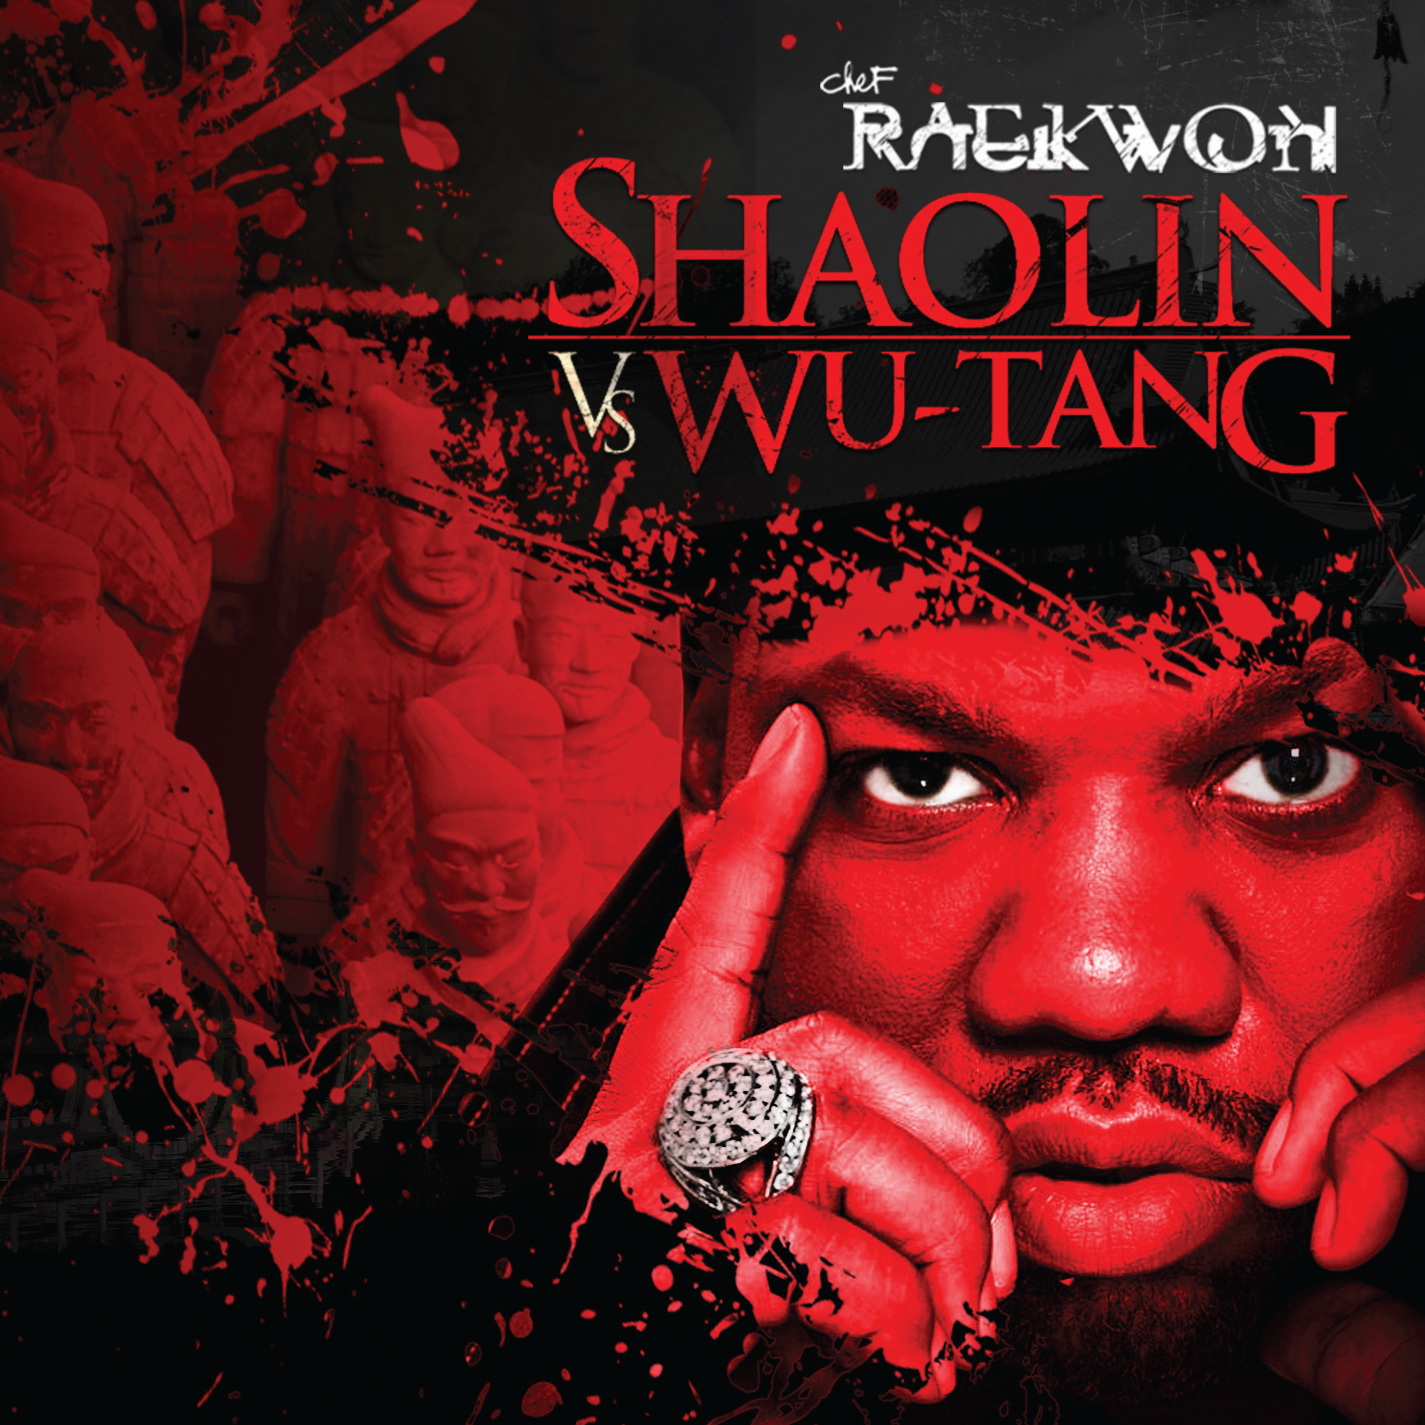 raekwon shaolin vs wu tang